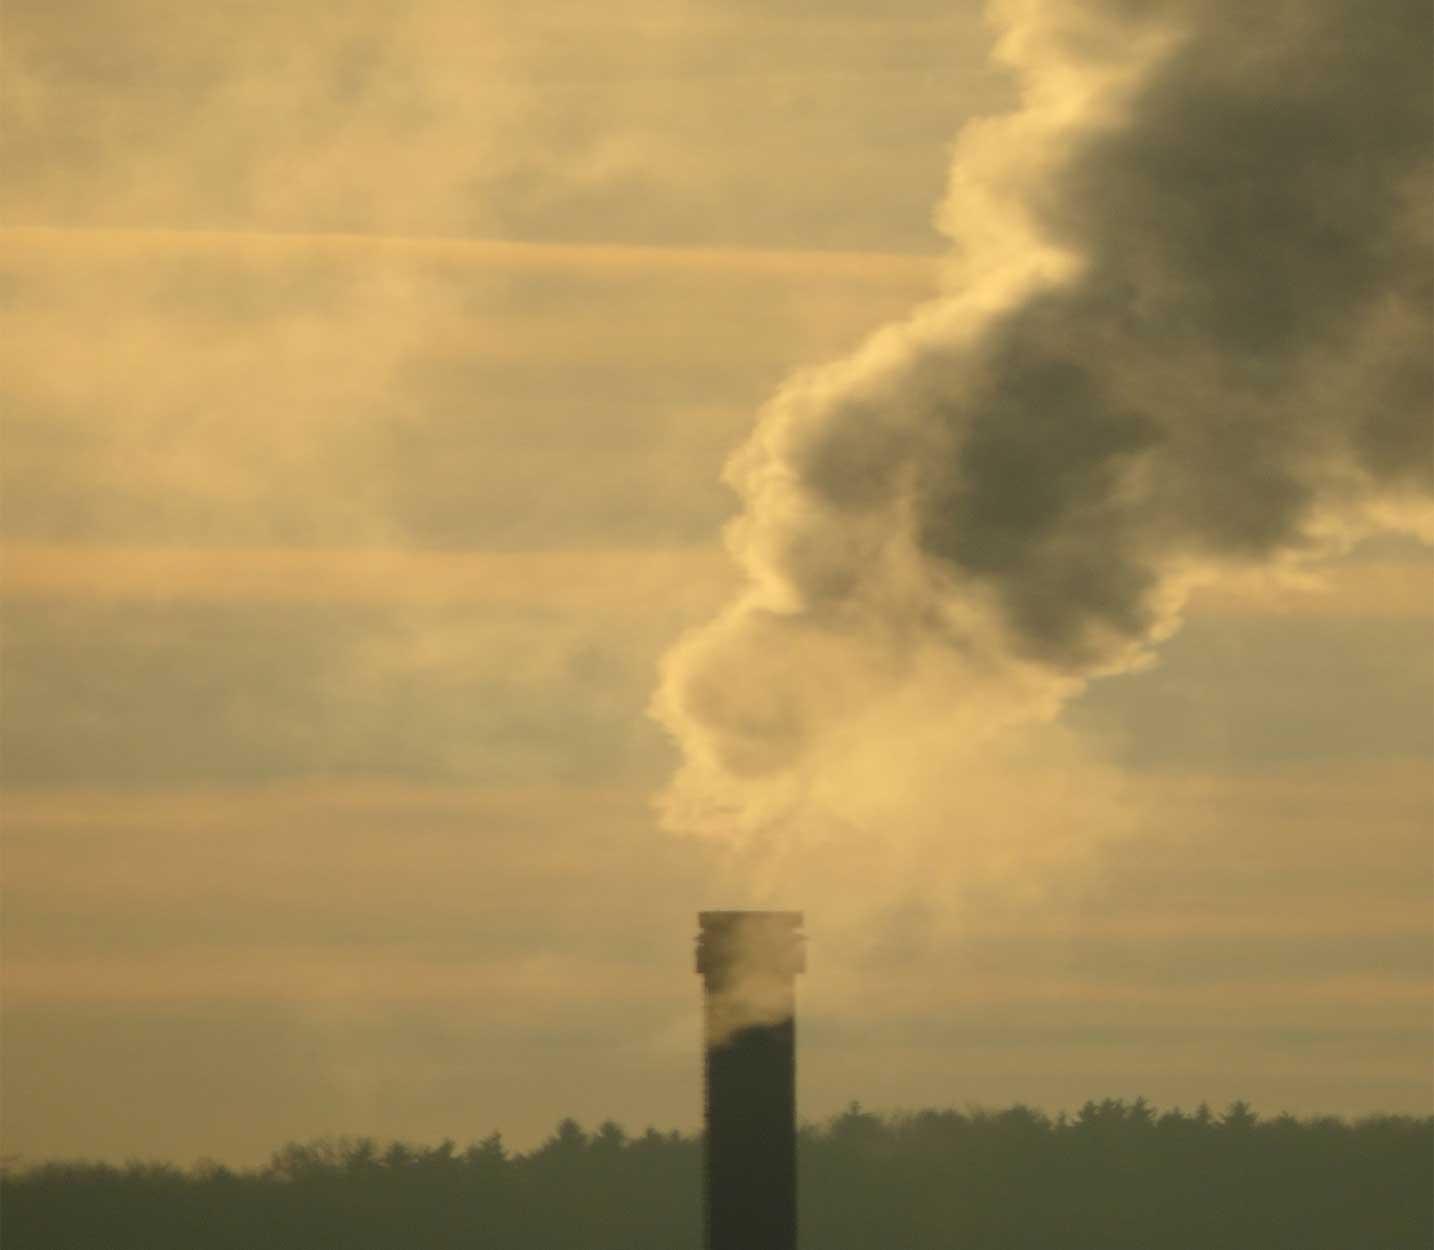 implantar la AAI en complejos industriales contaminantes